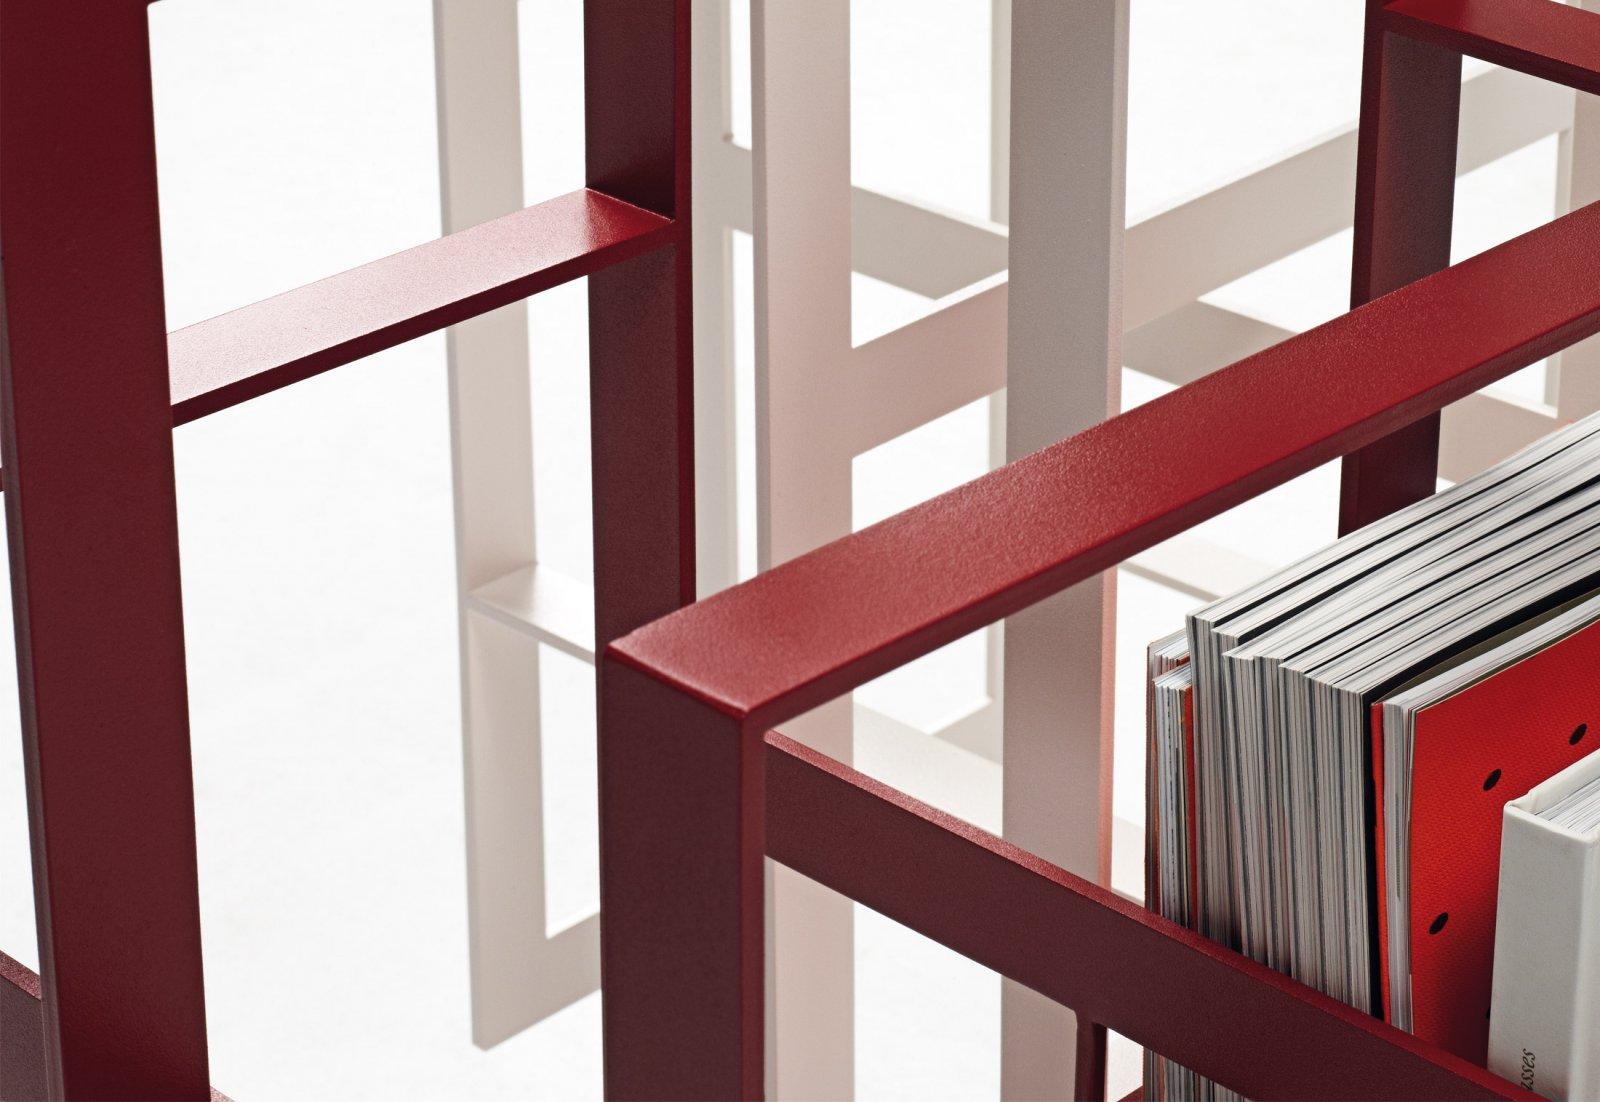 Estanterias Metalicas Modernas.Estanterias Metalicas Modernas Bricodecoracion Com